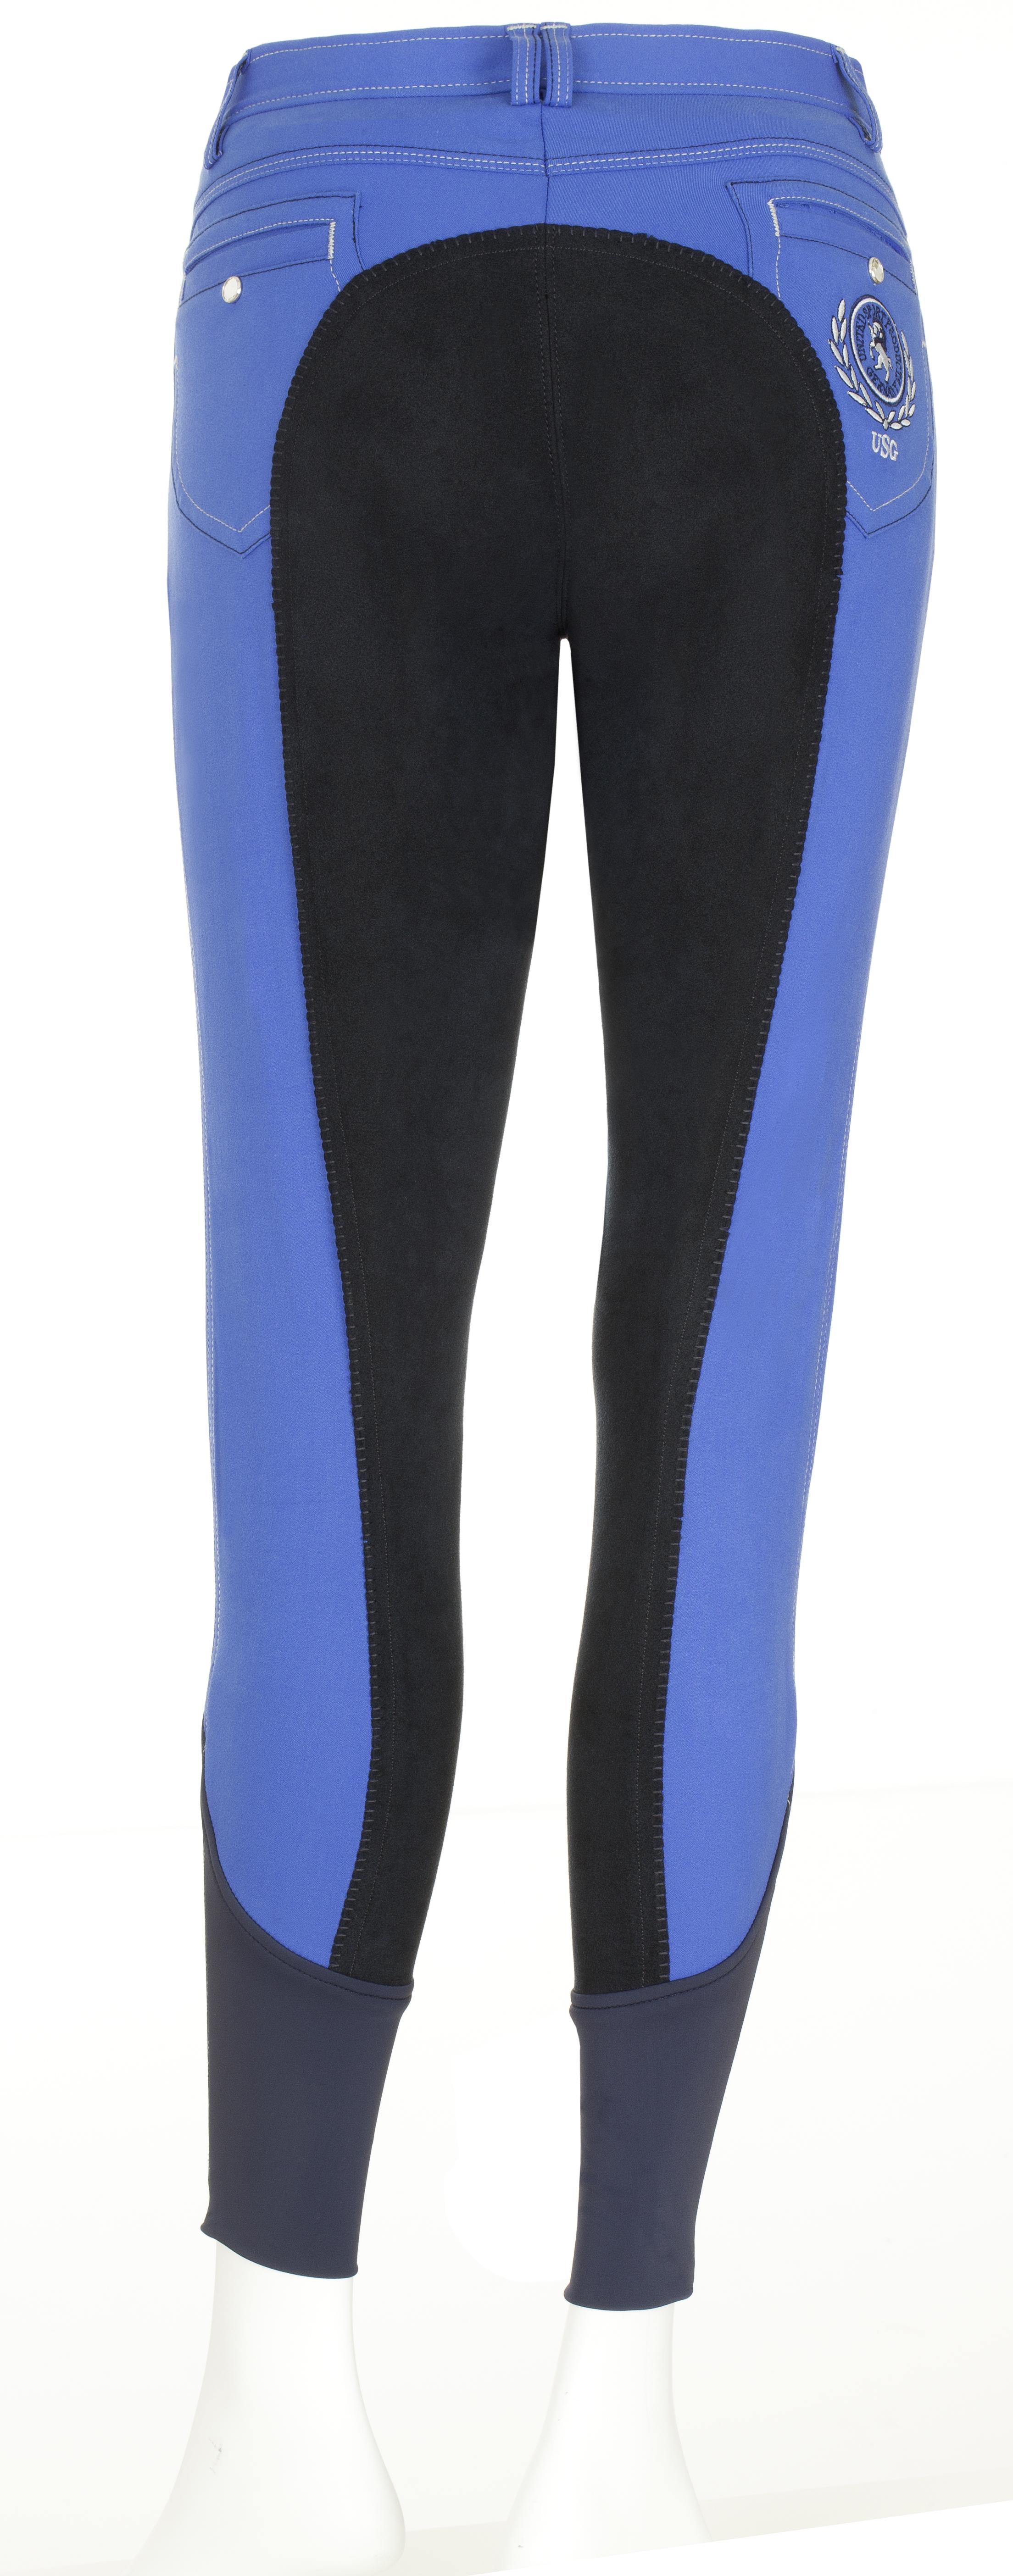 Jess royal blue leg